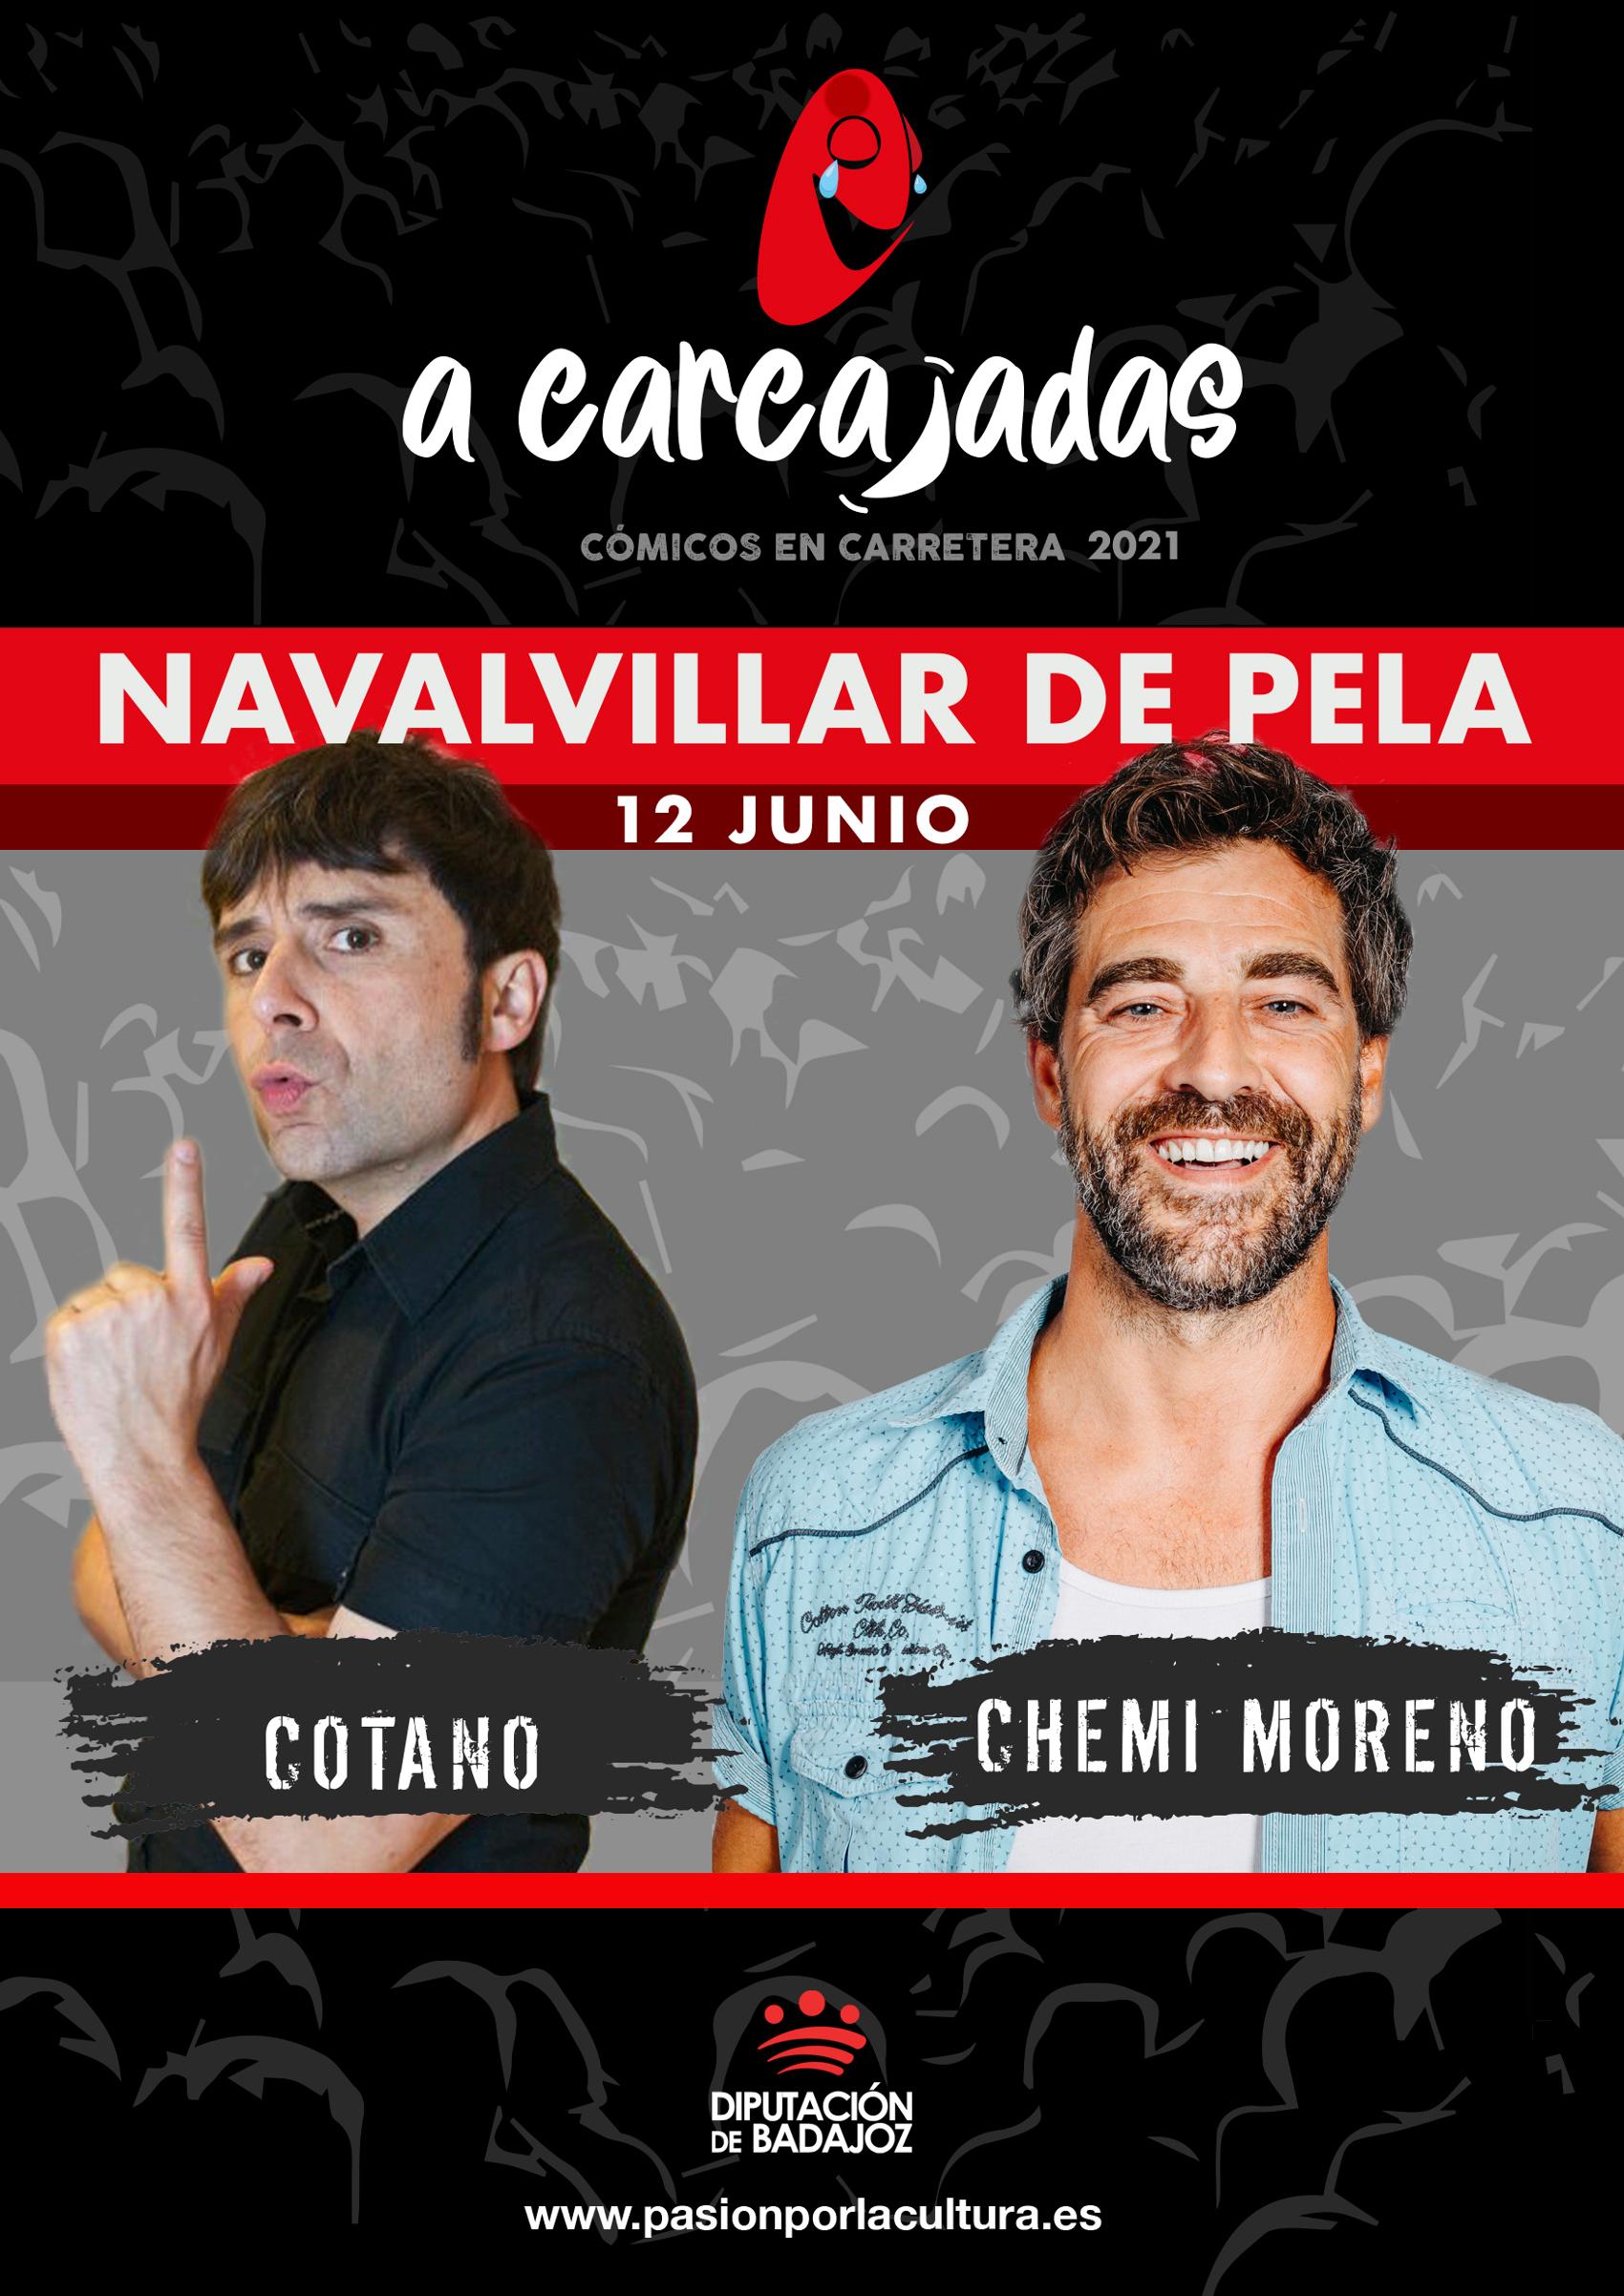 Imagen del Evento Cotano & Chemi Moreno